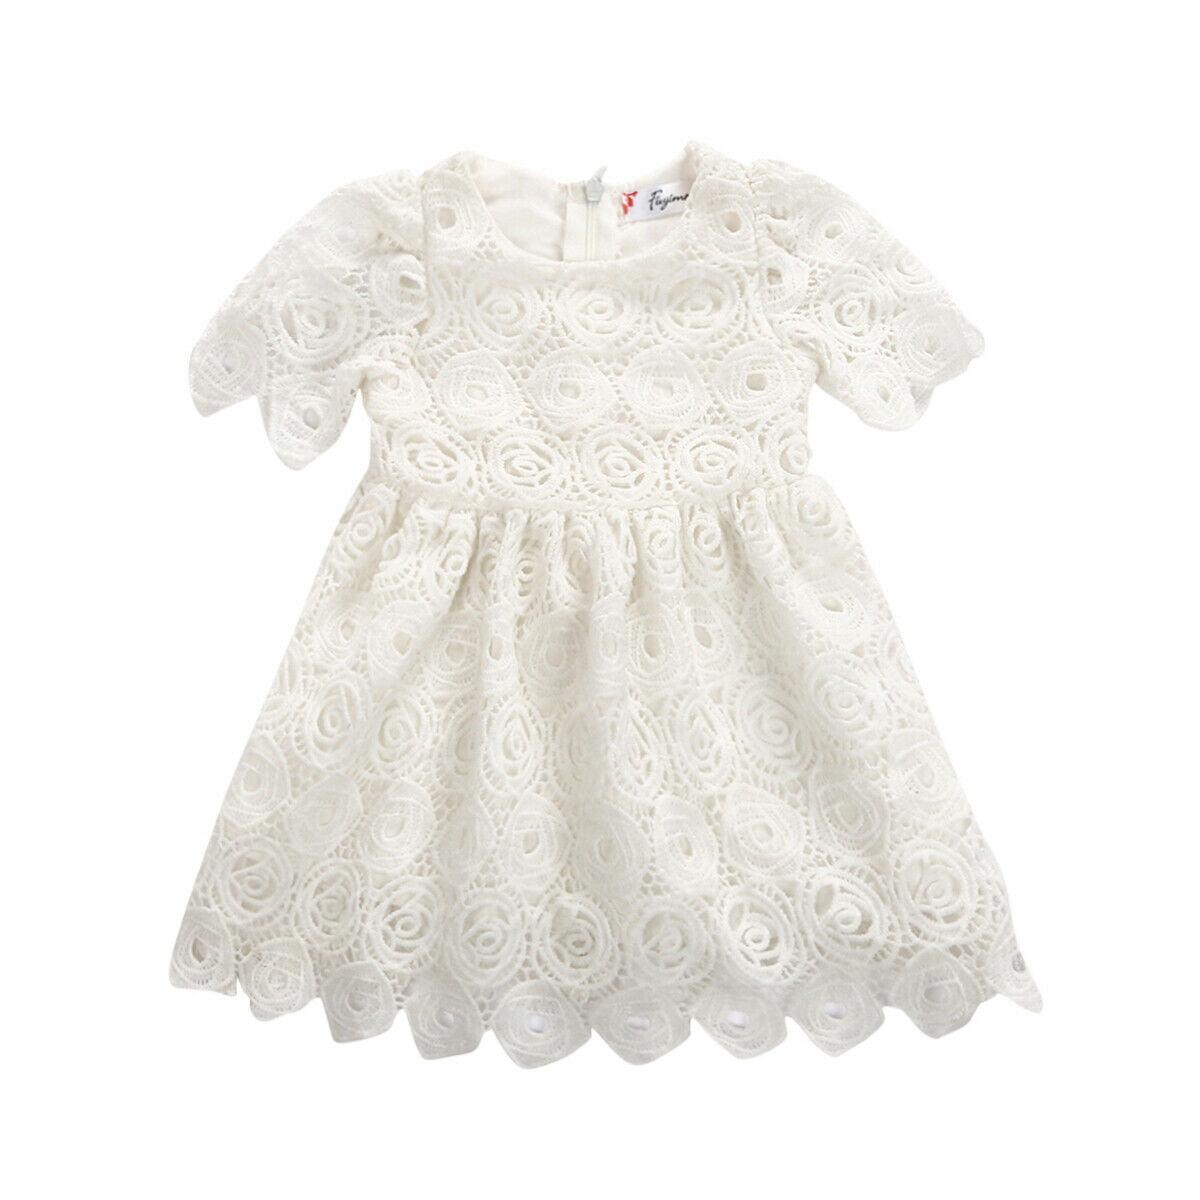 0-24M Girl Infant Short Sleeve Tutu Dress Clothes Party Jumpsuit Princess Dress